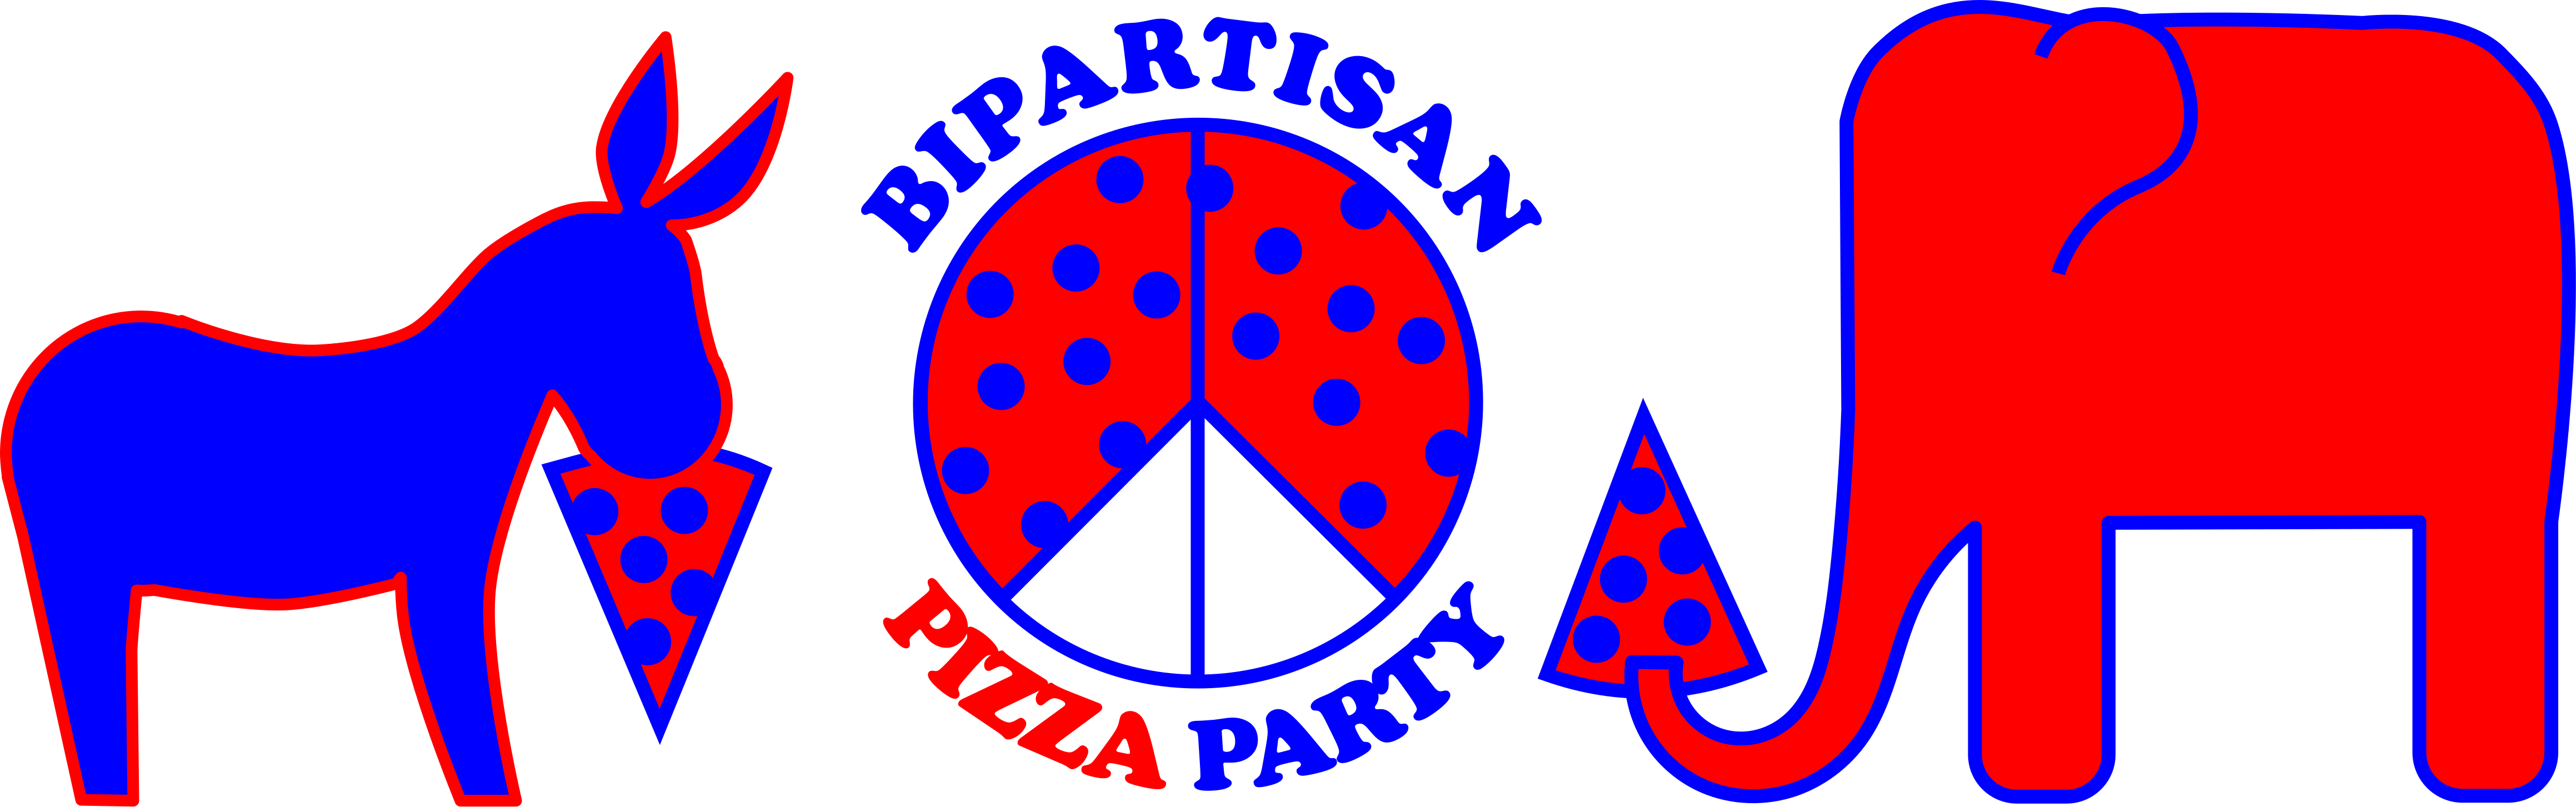 bipartisan4